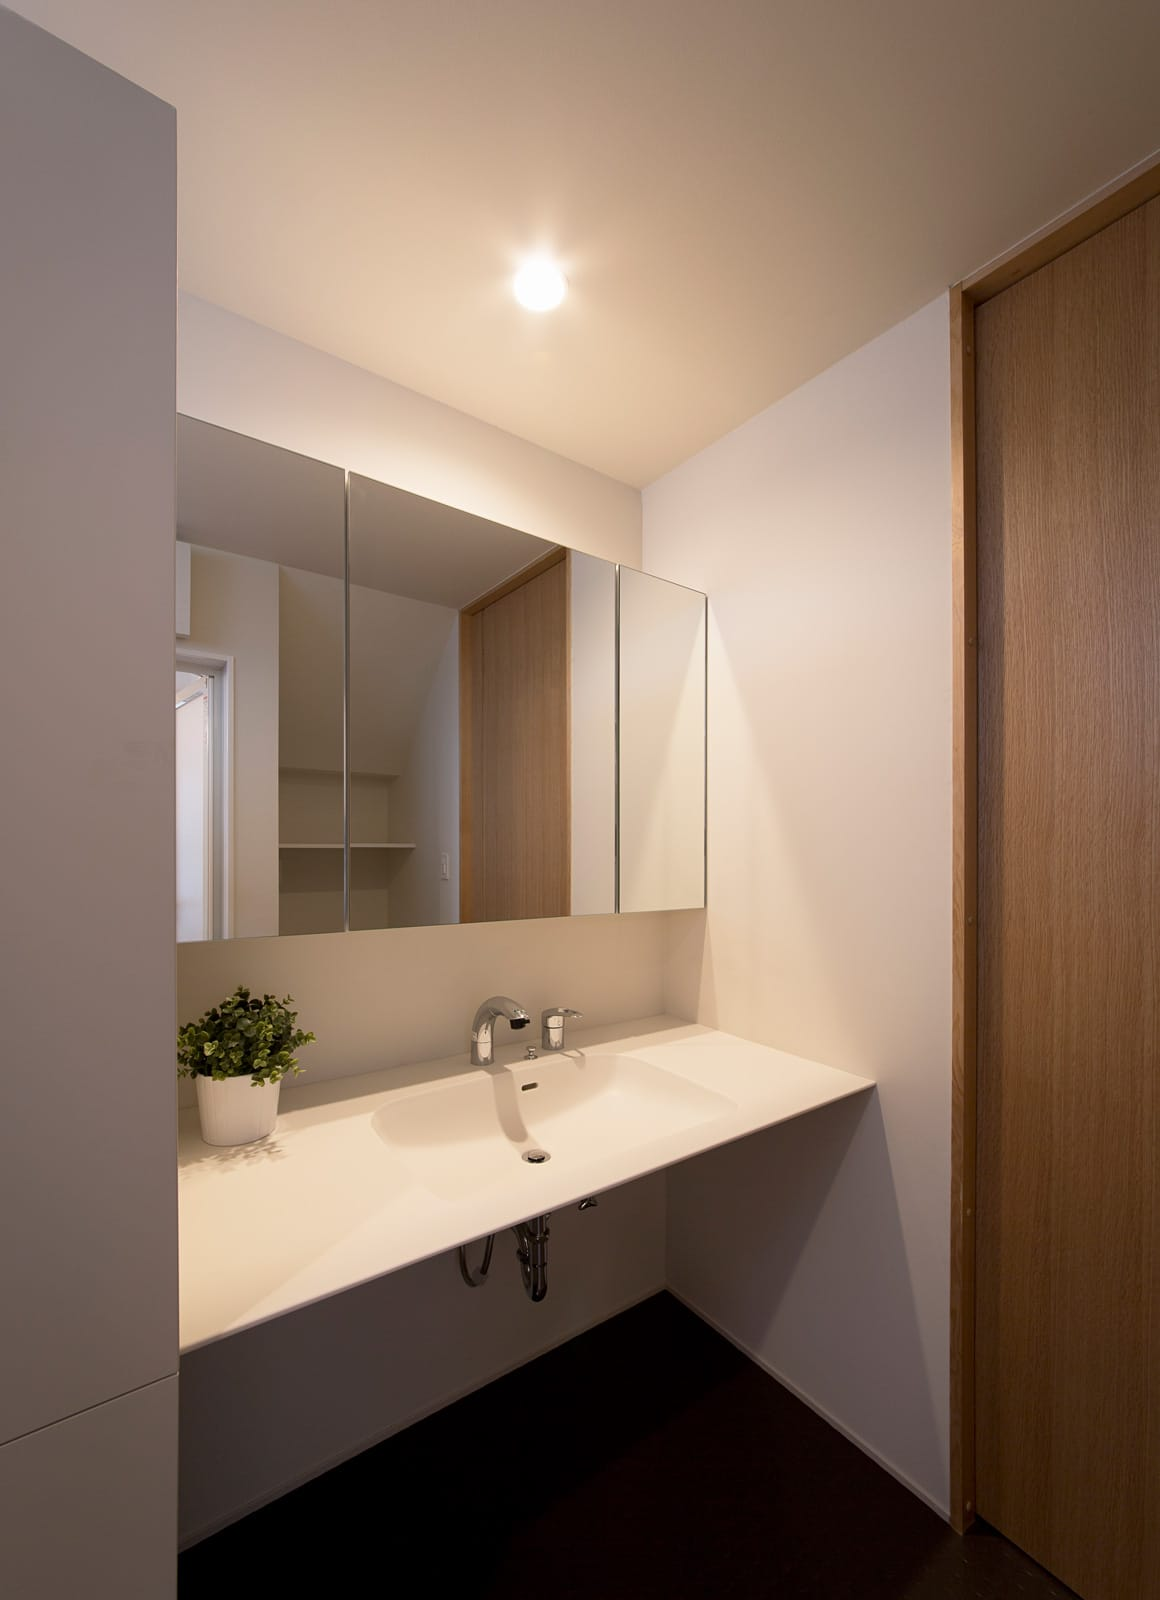 吹抜けリビングのある住宅の浴室・洗面室1